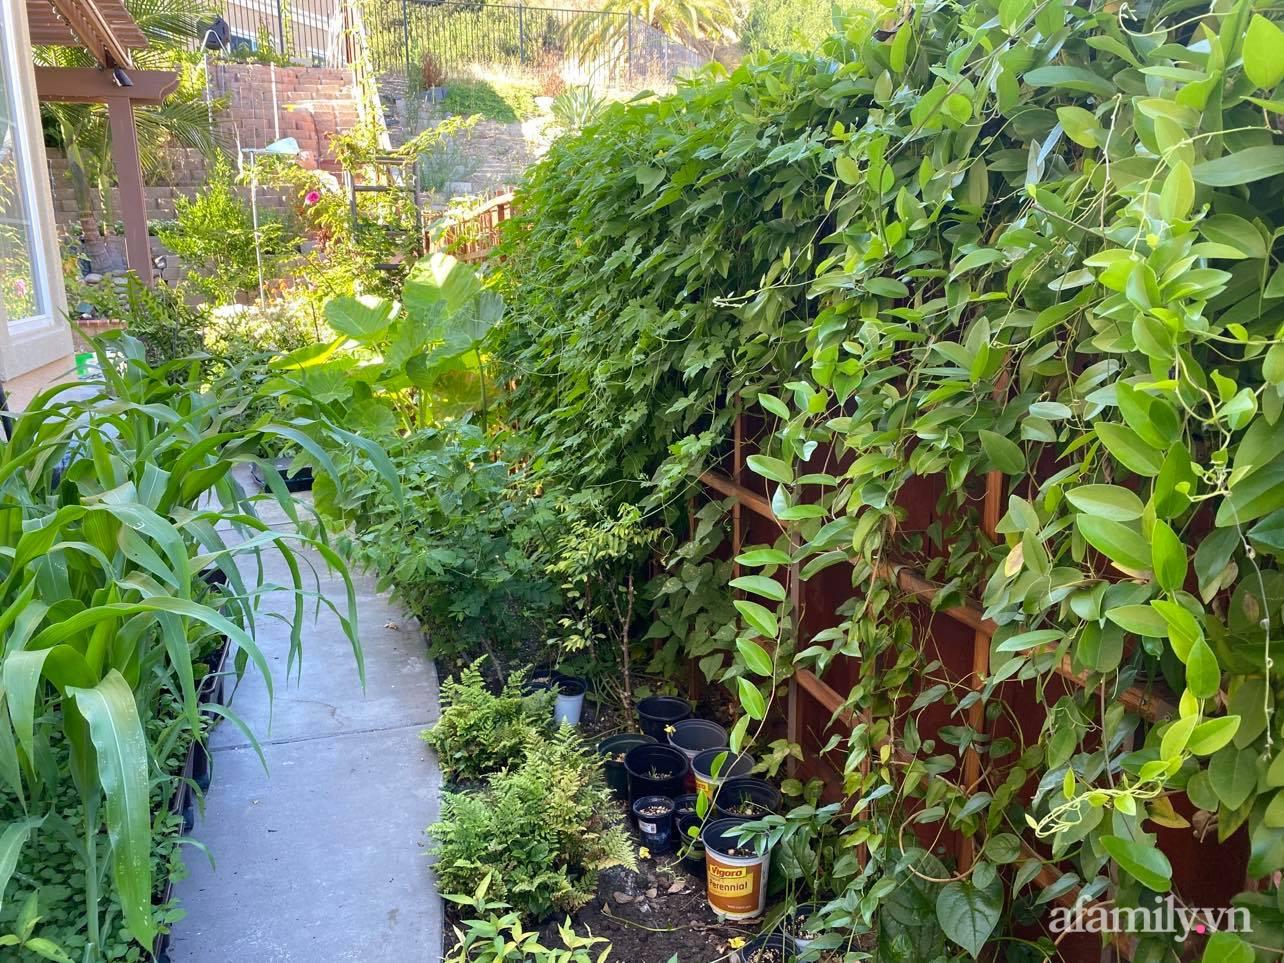 Khu vườn 800m² phủ kín đủ loại rau quả sạch của mẹ Việt đảm yêu cây - Ảnh 1.